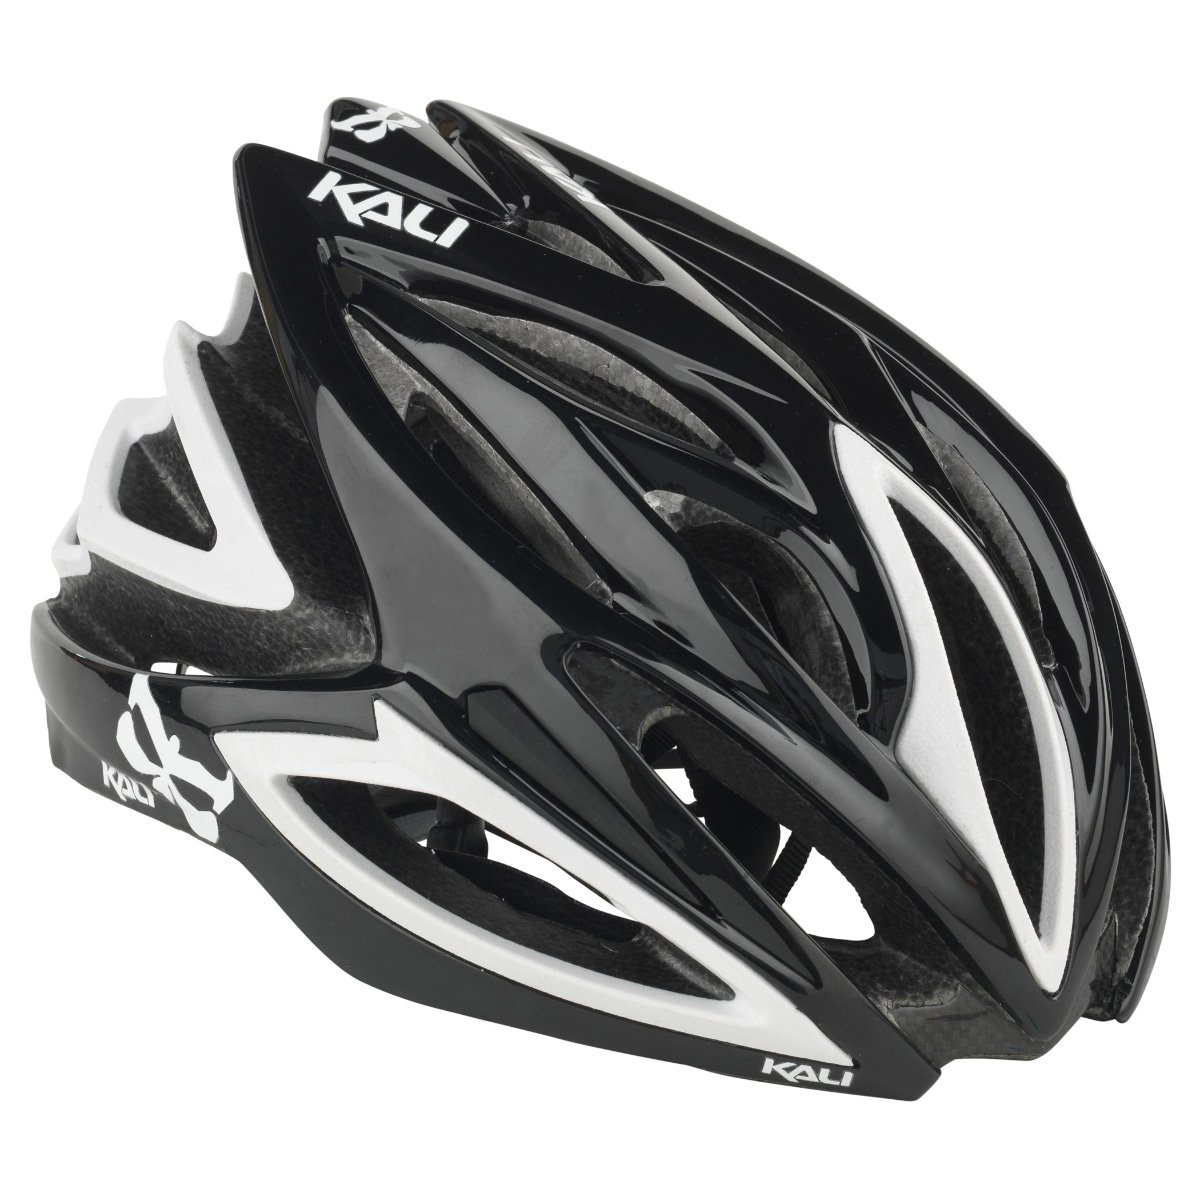 Kali Phenom - Casque vélo de route - noir Tour de tête 54-58 cm 2014 casque vélo de course   B00HILEB22